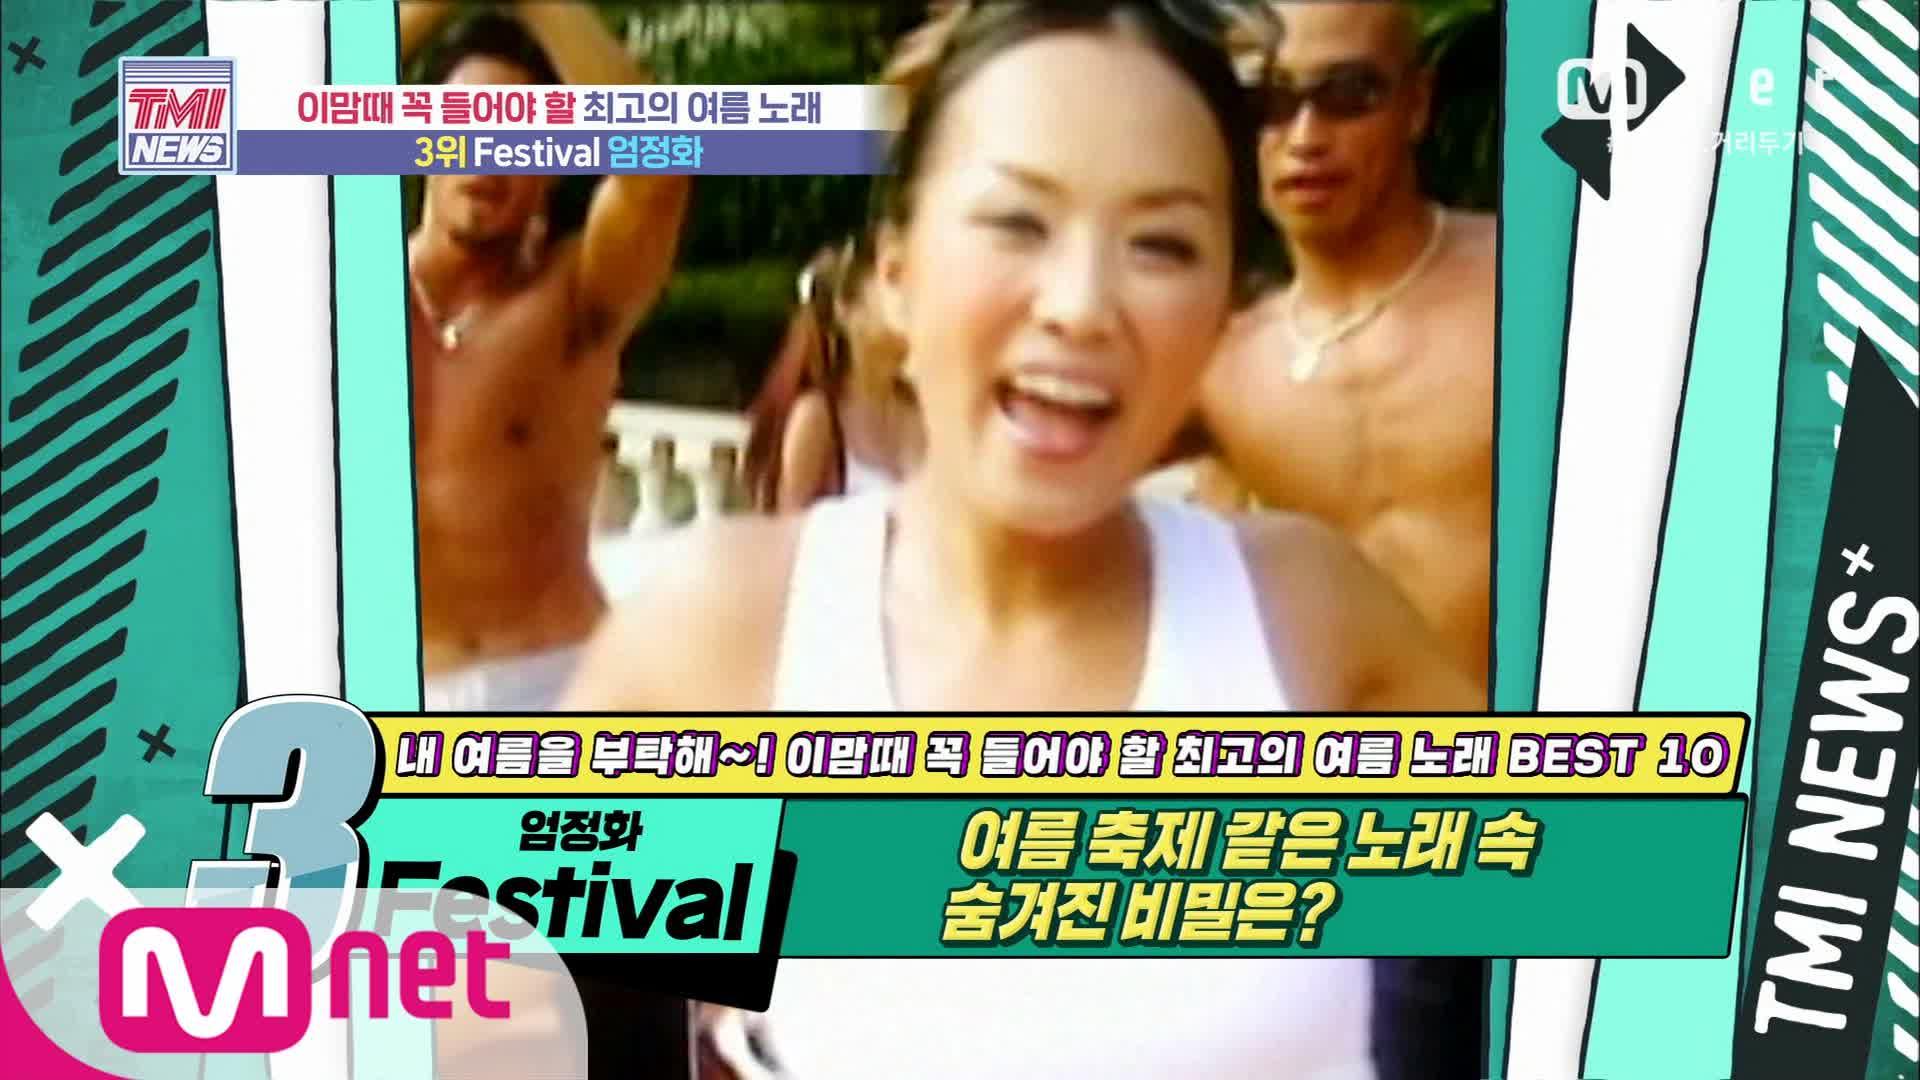 [53회] 여름 축제 같은 노래! 엄정화 'Festival'